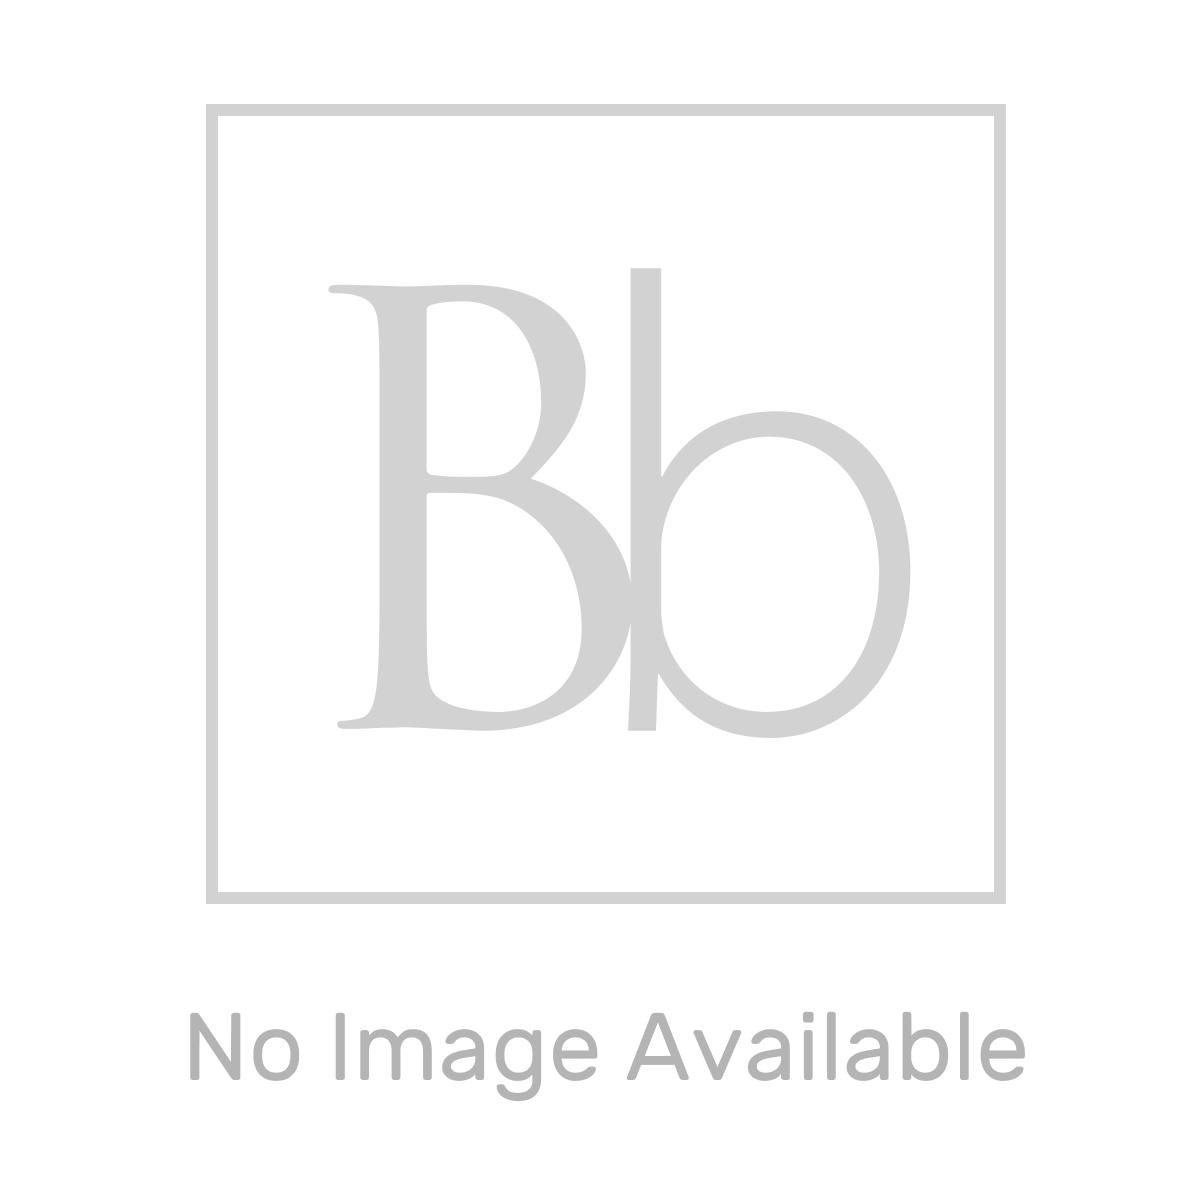 RAK Metropolitan Single Ended Bath